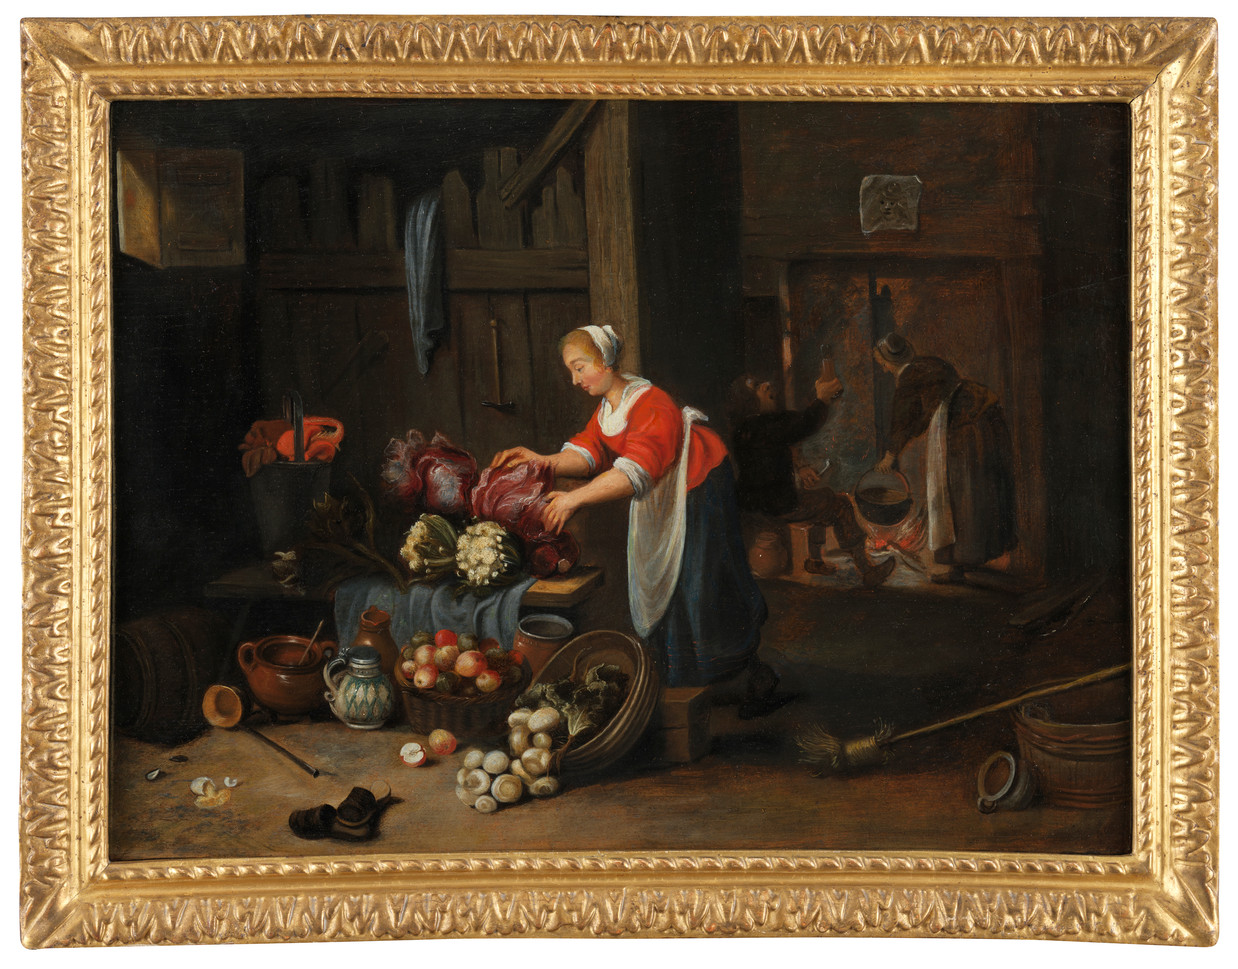 Intérieur de cuisine - Attribué à Hendrick Martensz Sorgh (1609/11 - 1670)